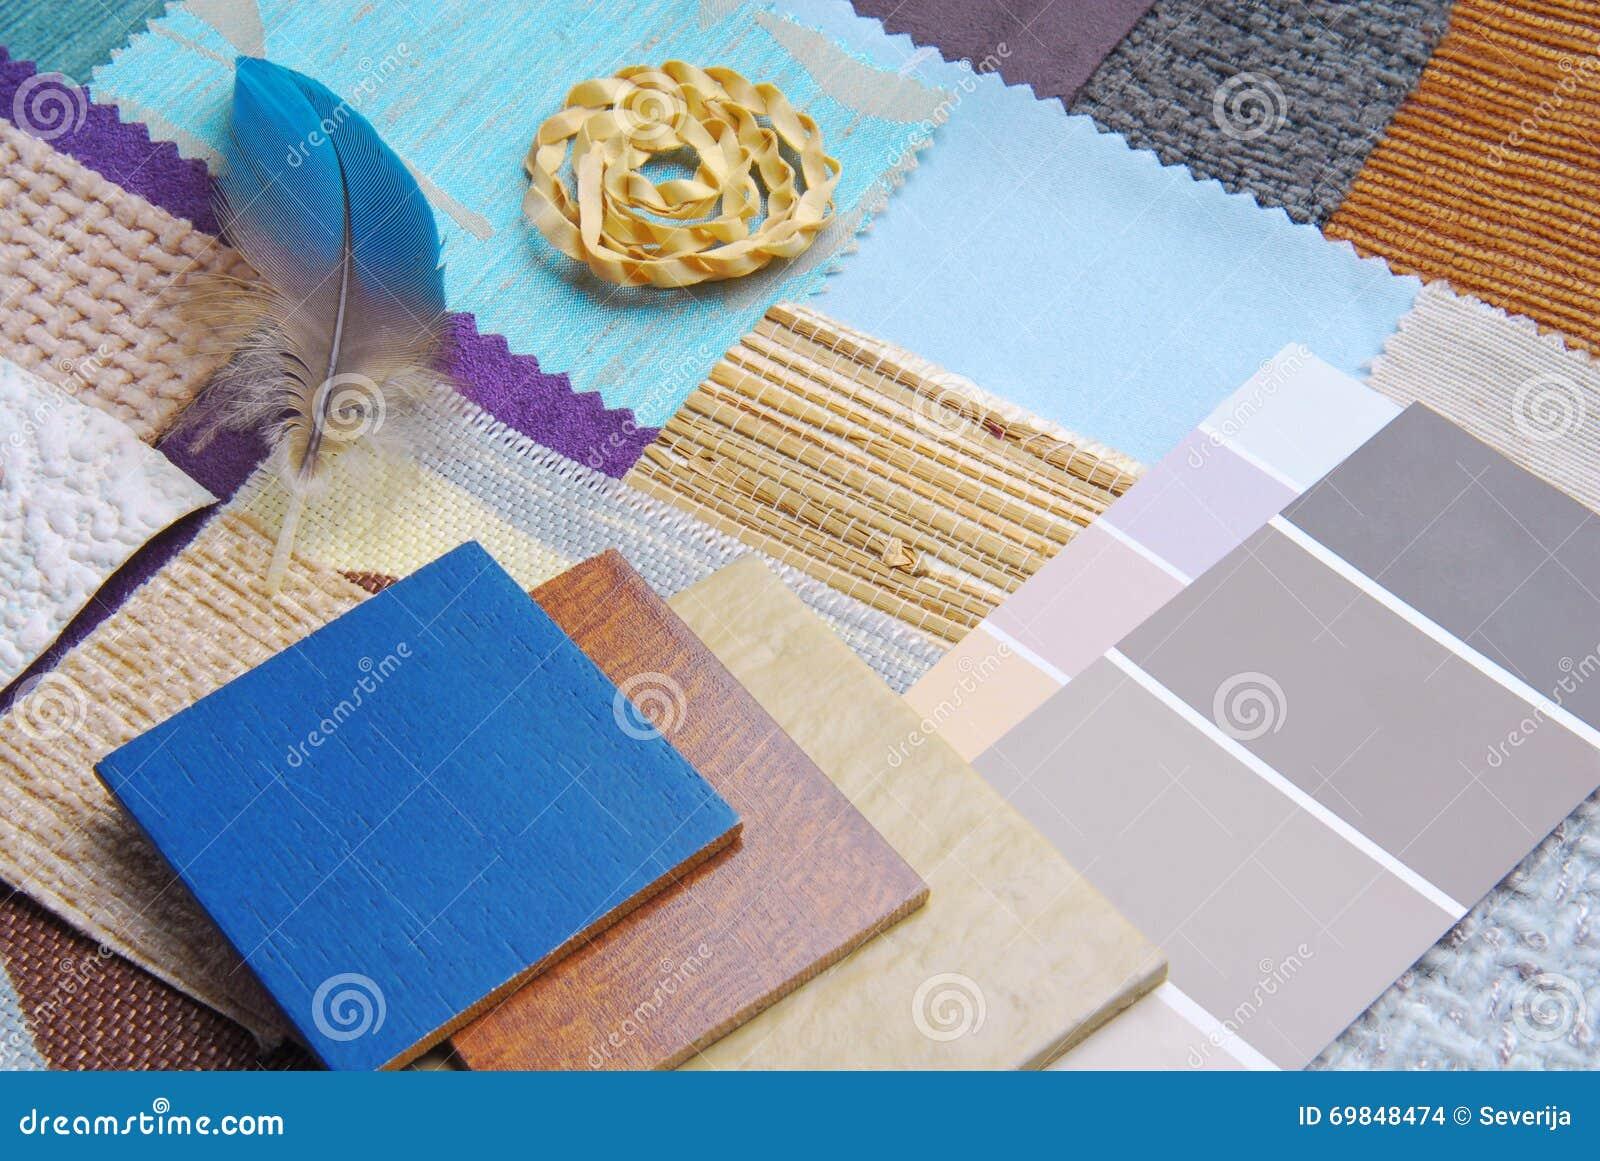 内部的颜色和谐